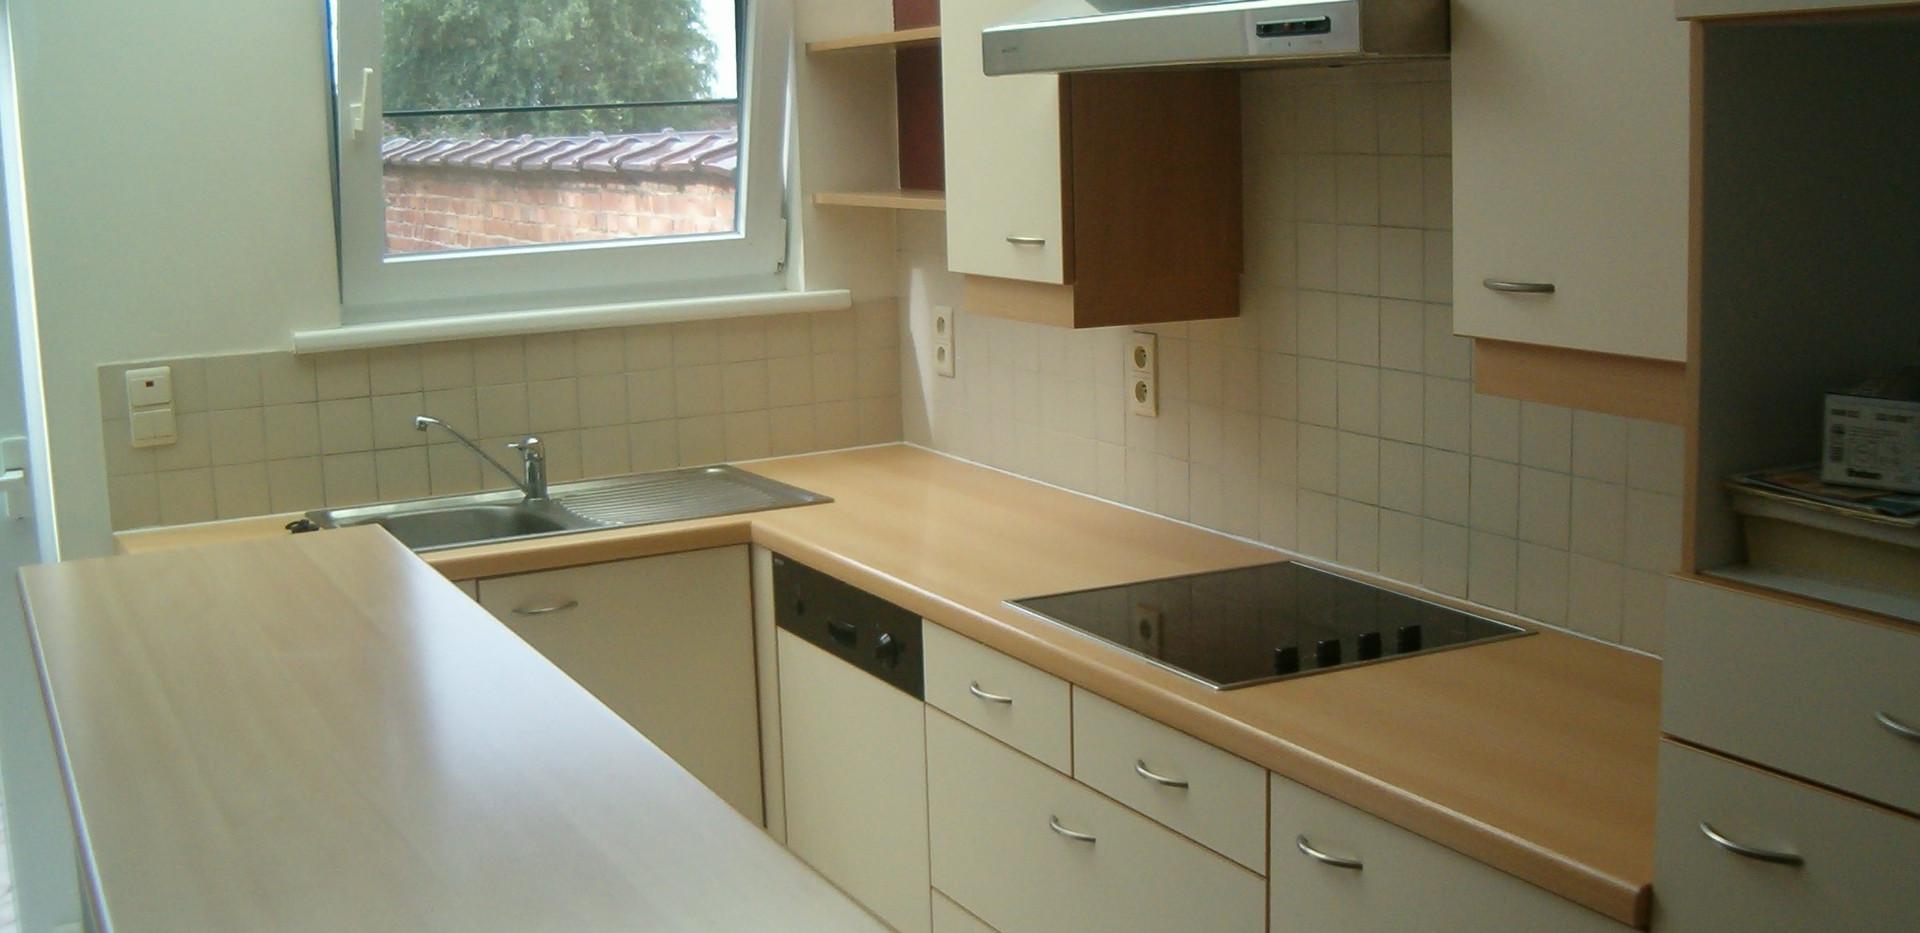 keuken in leefruimte